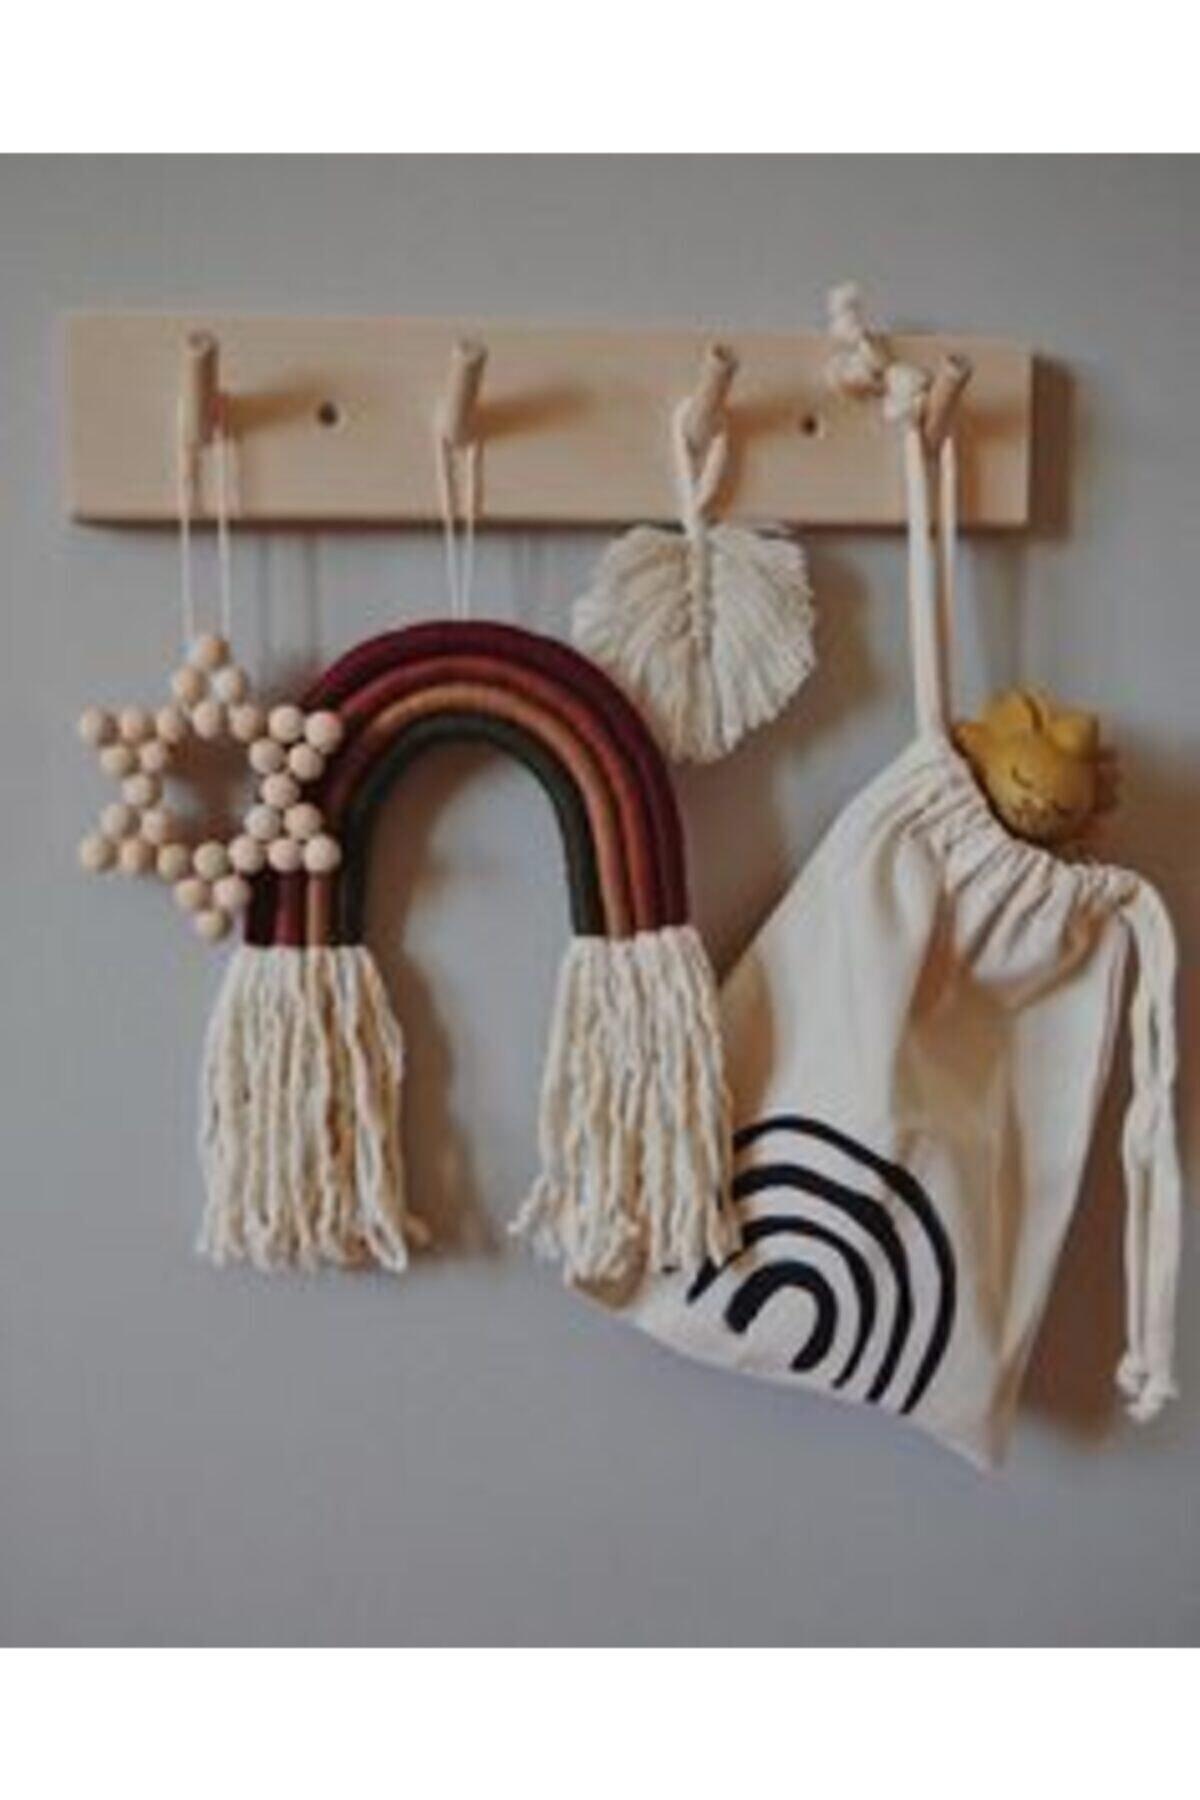 Lina Ahşap Diyarı Ahşap Modern Duvar Askılık Montessori Askılık 1